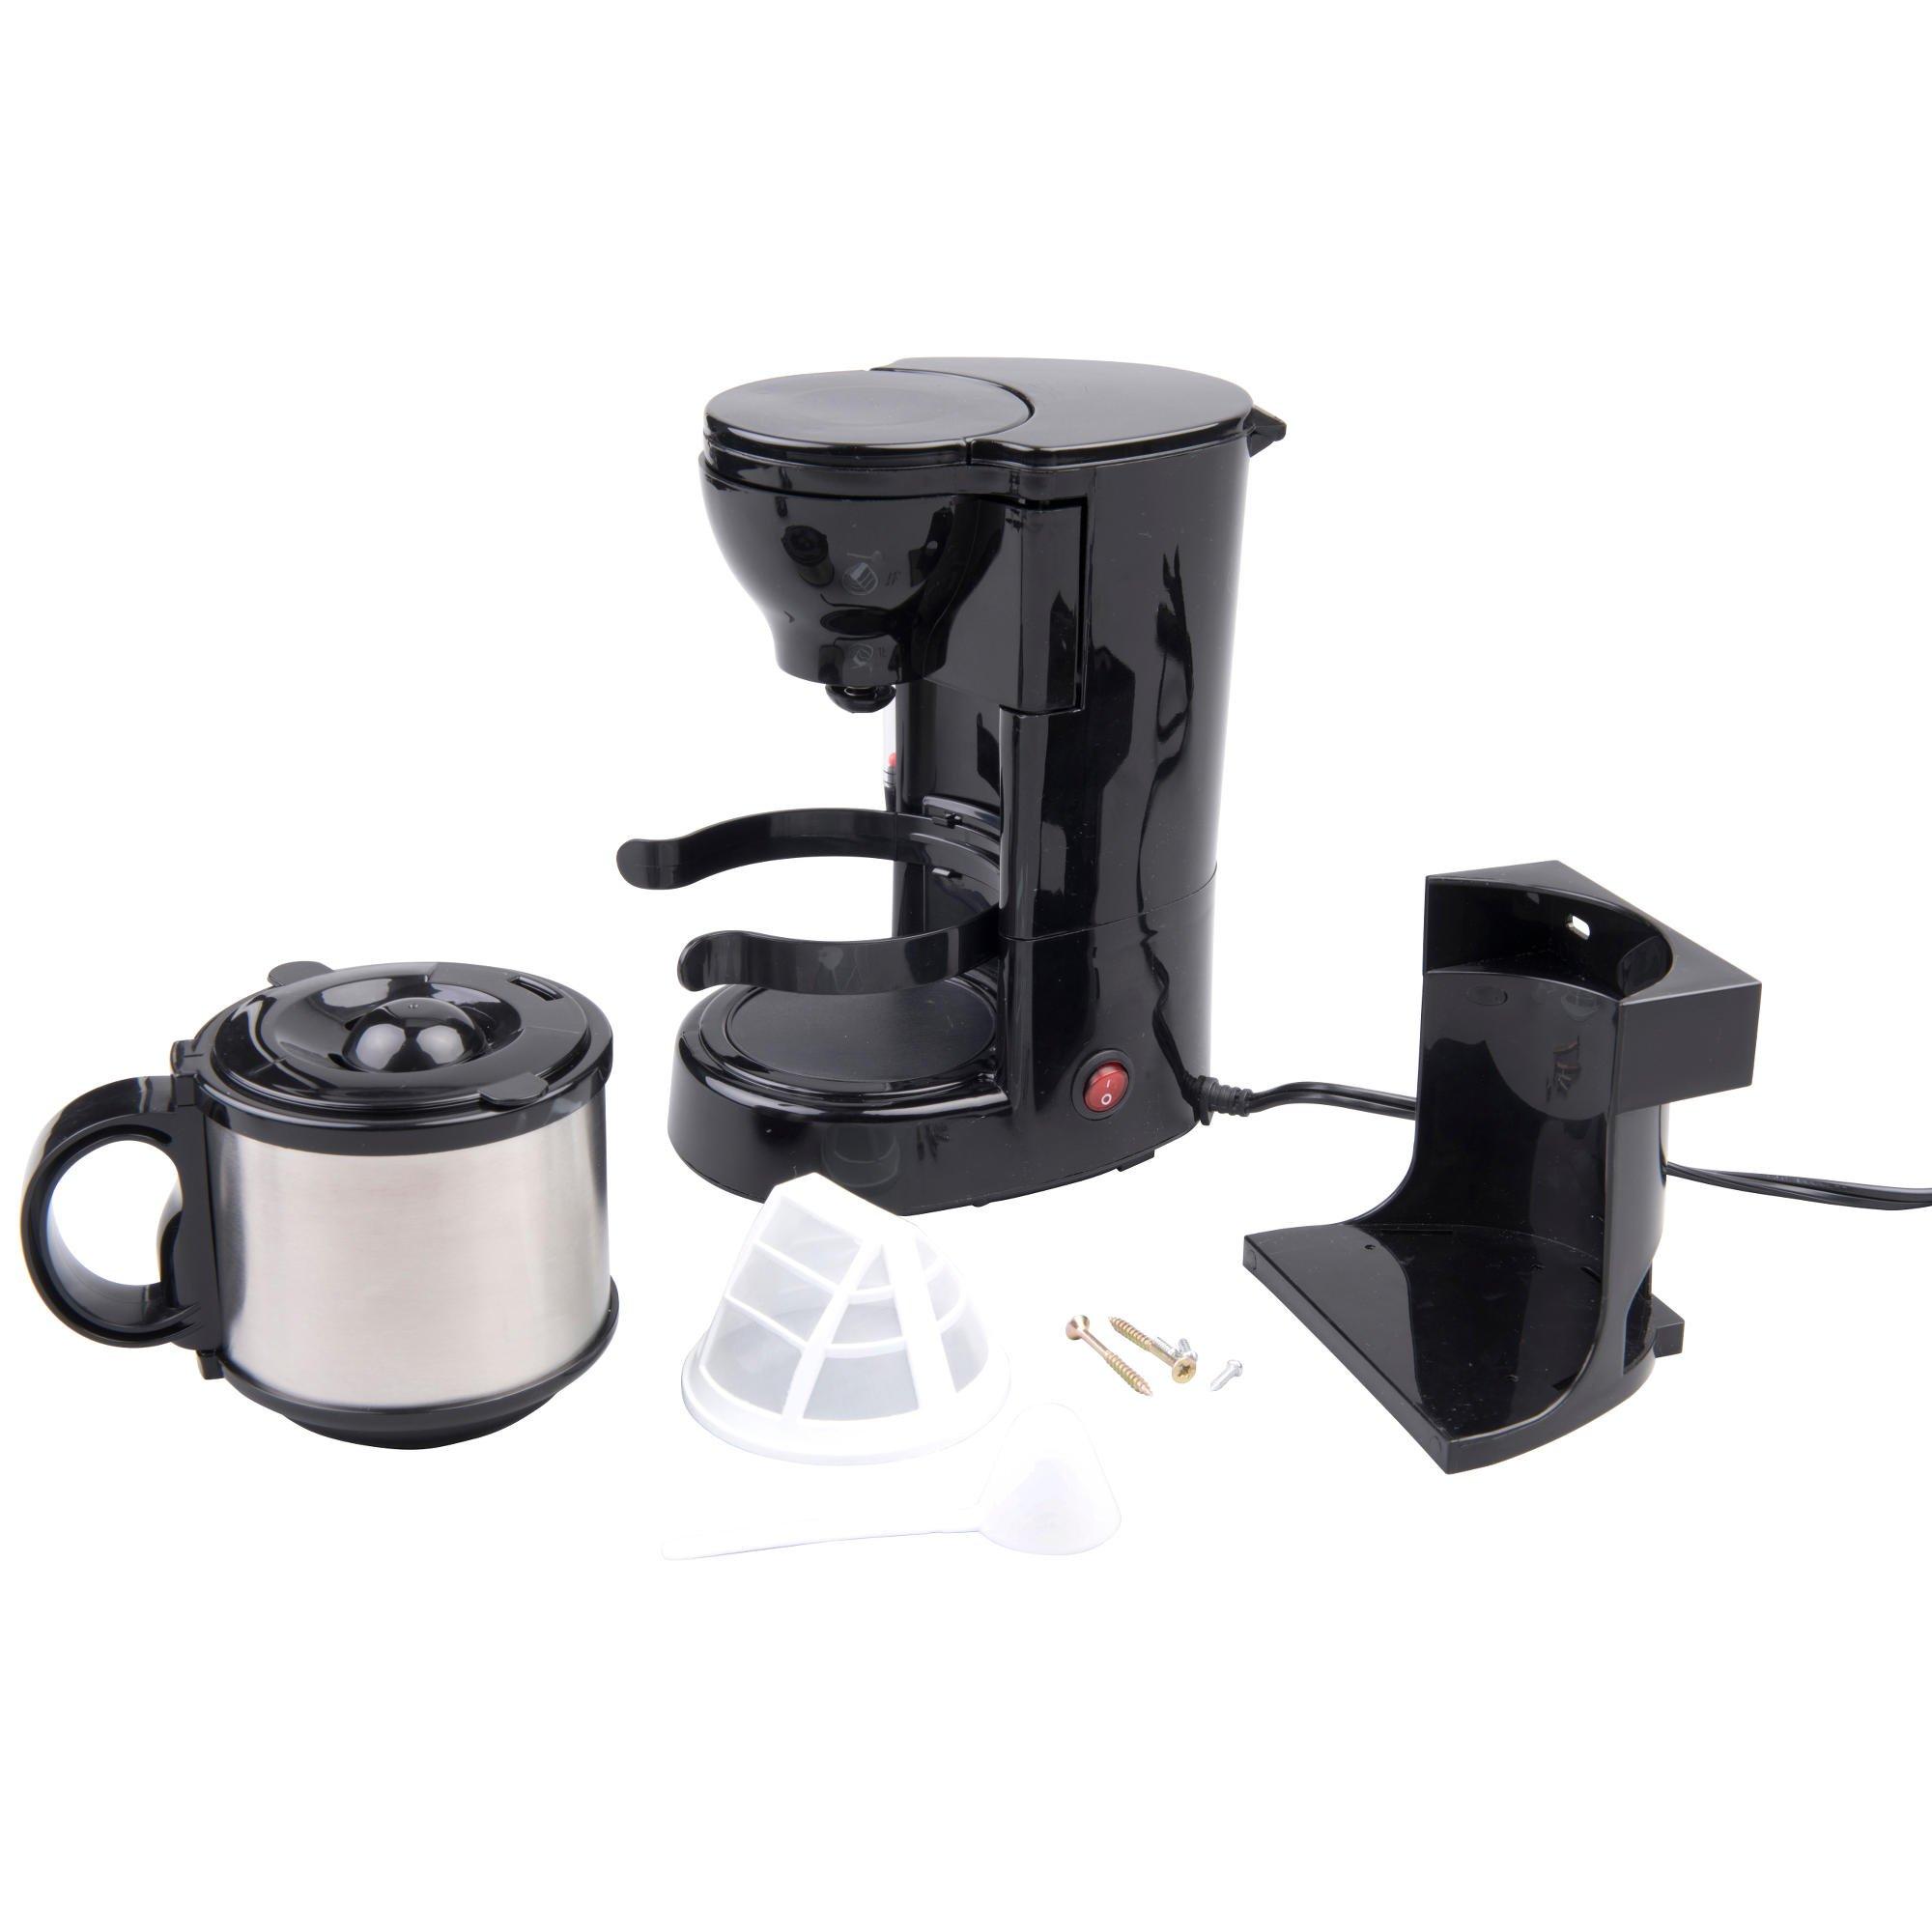 24 V 24 V Camiones Cafetera con jarra térmica y filtro permanente, 24 V 300 W filtro cafetera con soporte: Amazon.es: Hogar